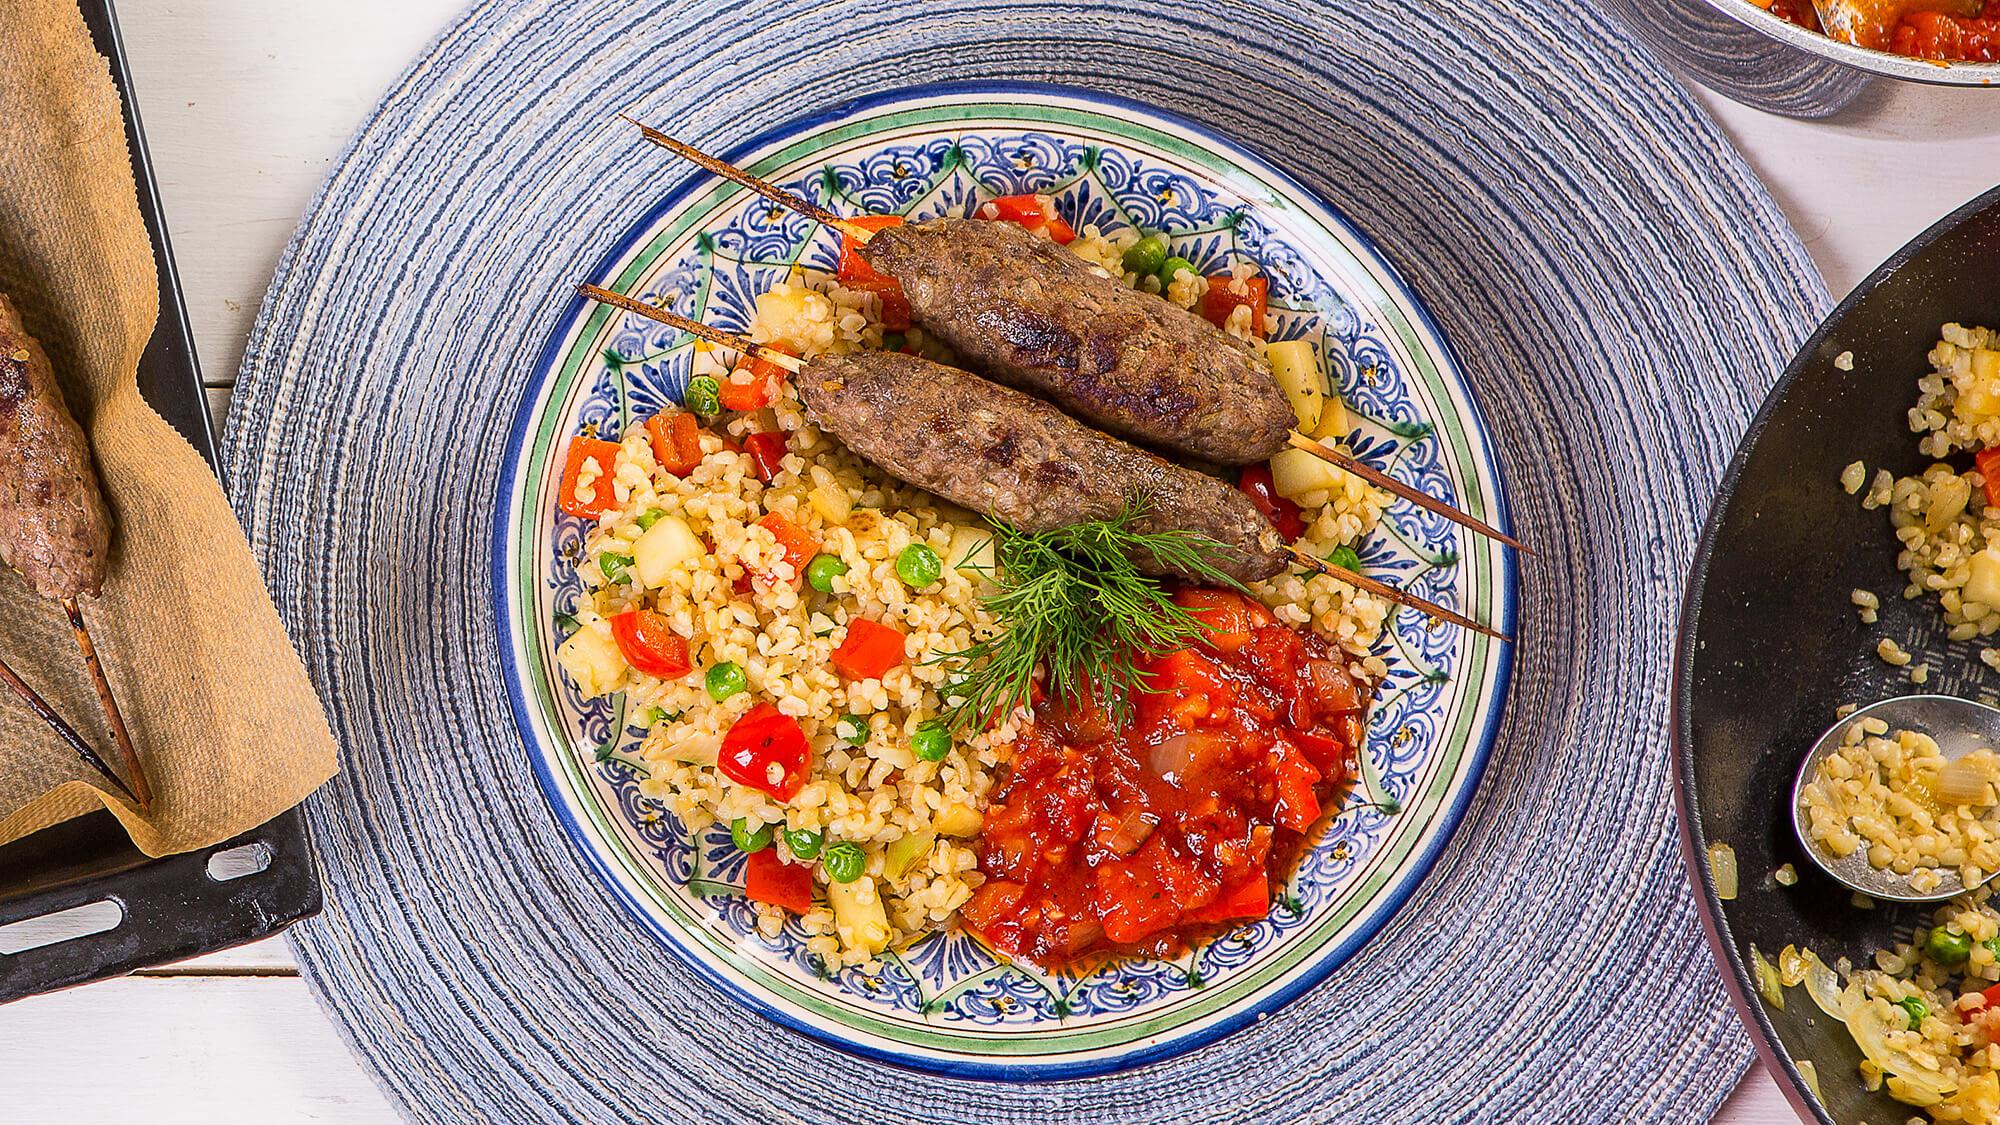 Люля-кебаб из баранины с булгуром и овощами и домашней аджикой